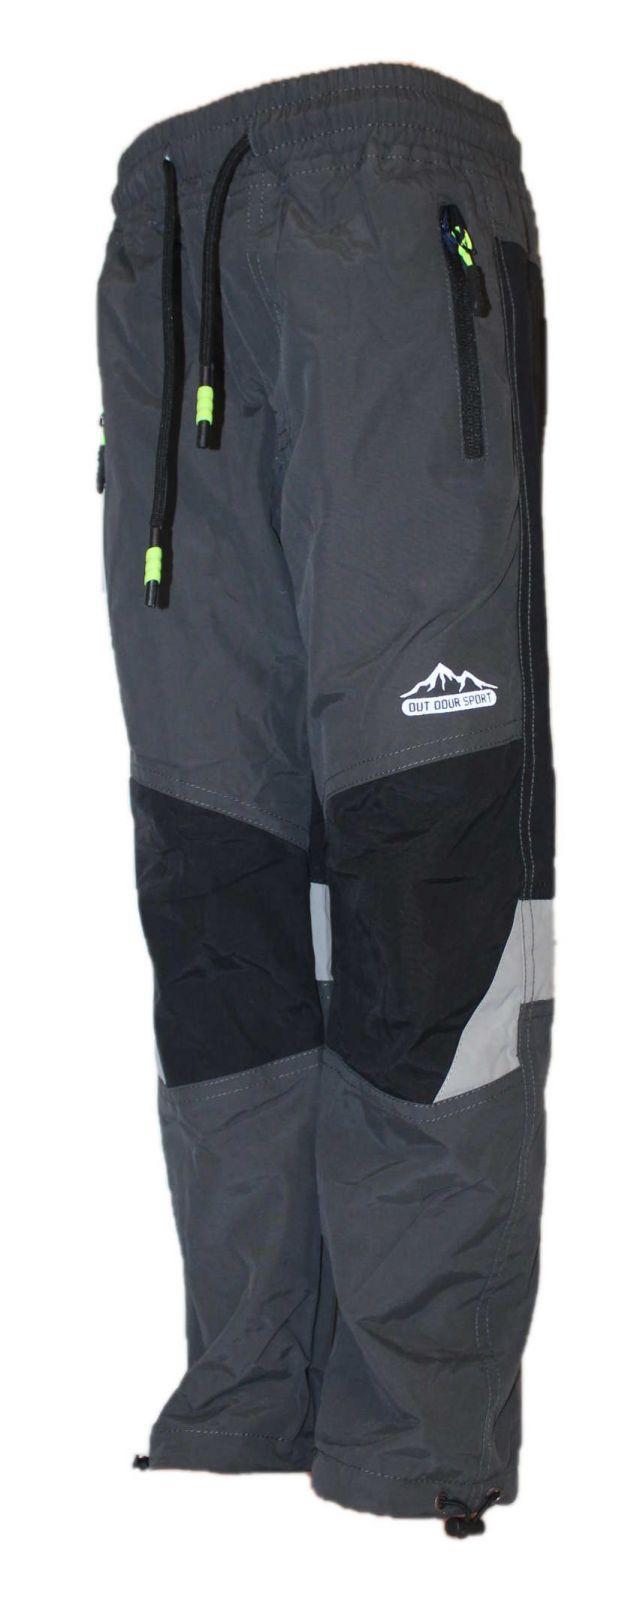 Dětské zateplené nepromokavé kalhoty zimní kalhoty zateplené kalhoty Sezon YIDI